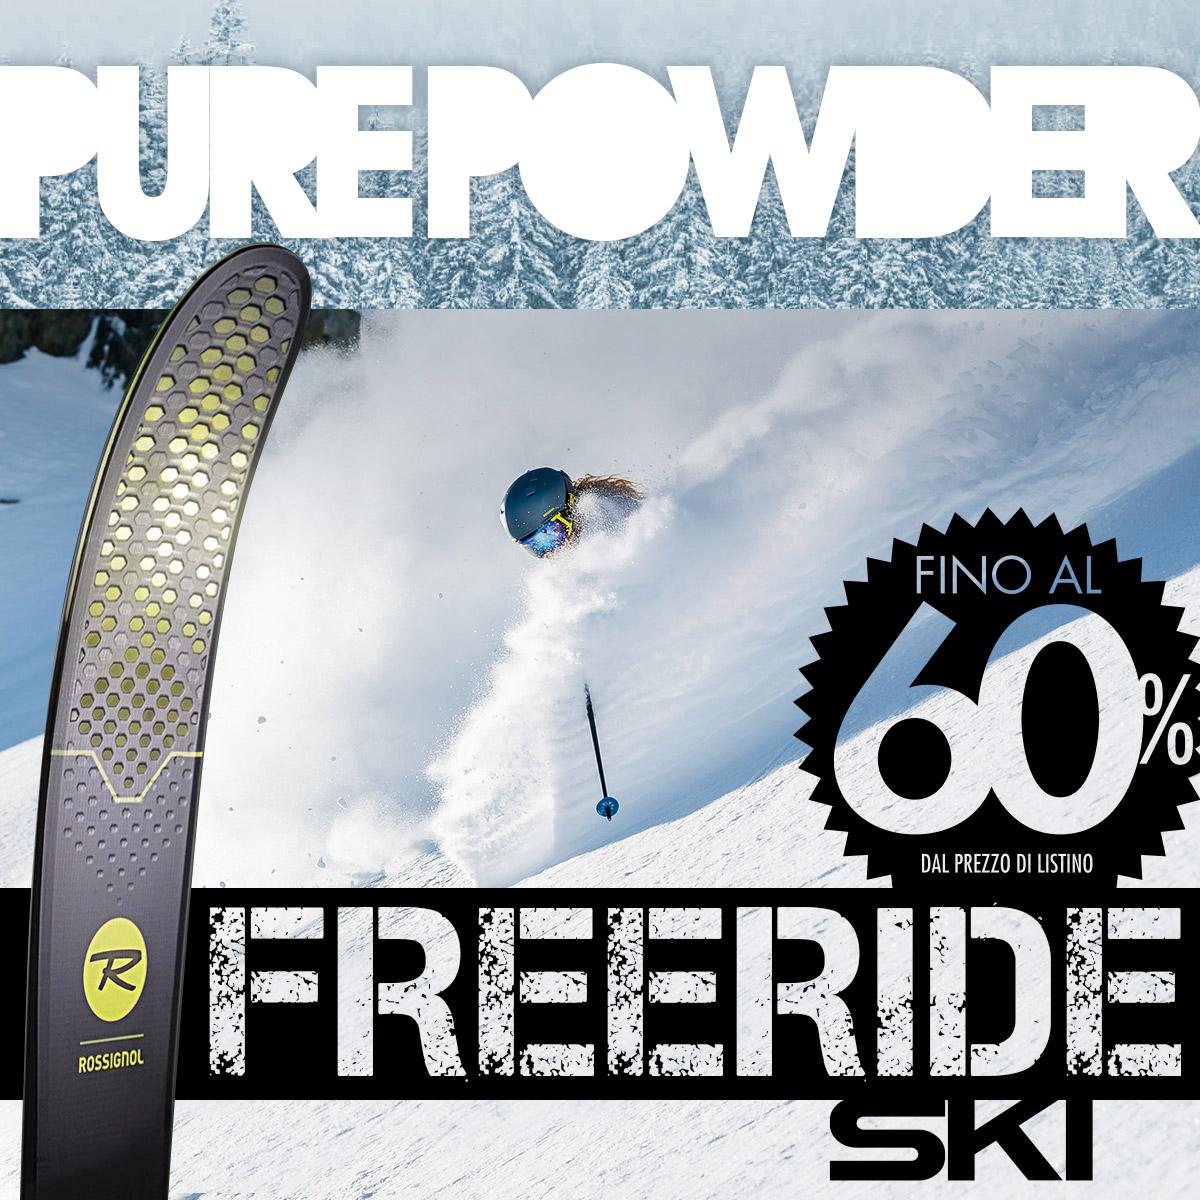 promo sci freeride